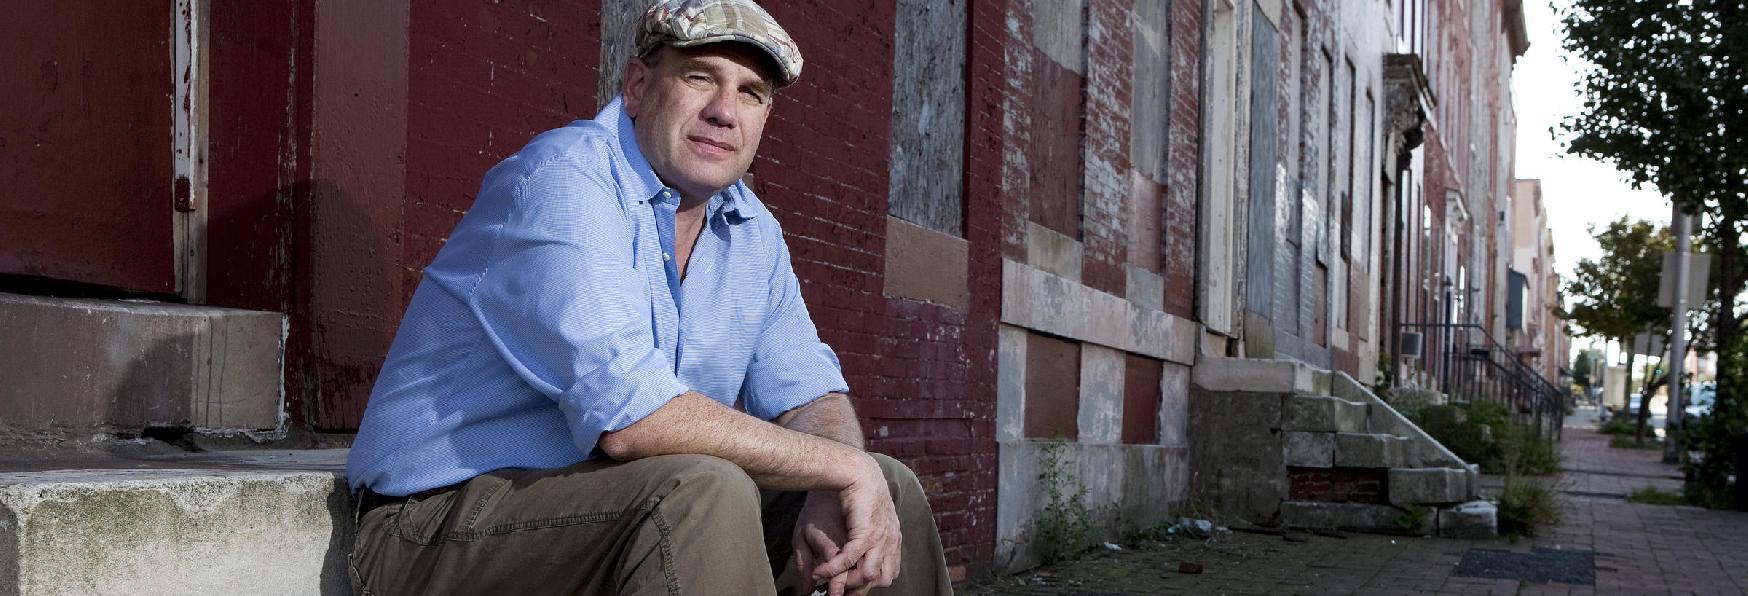 Dall'ideatore di The Wire, una nuova miniserie HBO: The Plot Against America